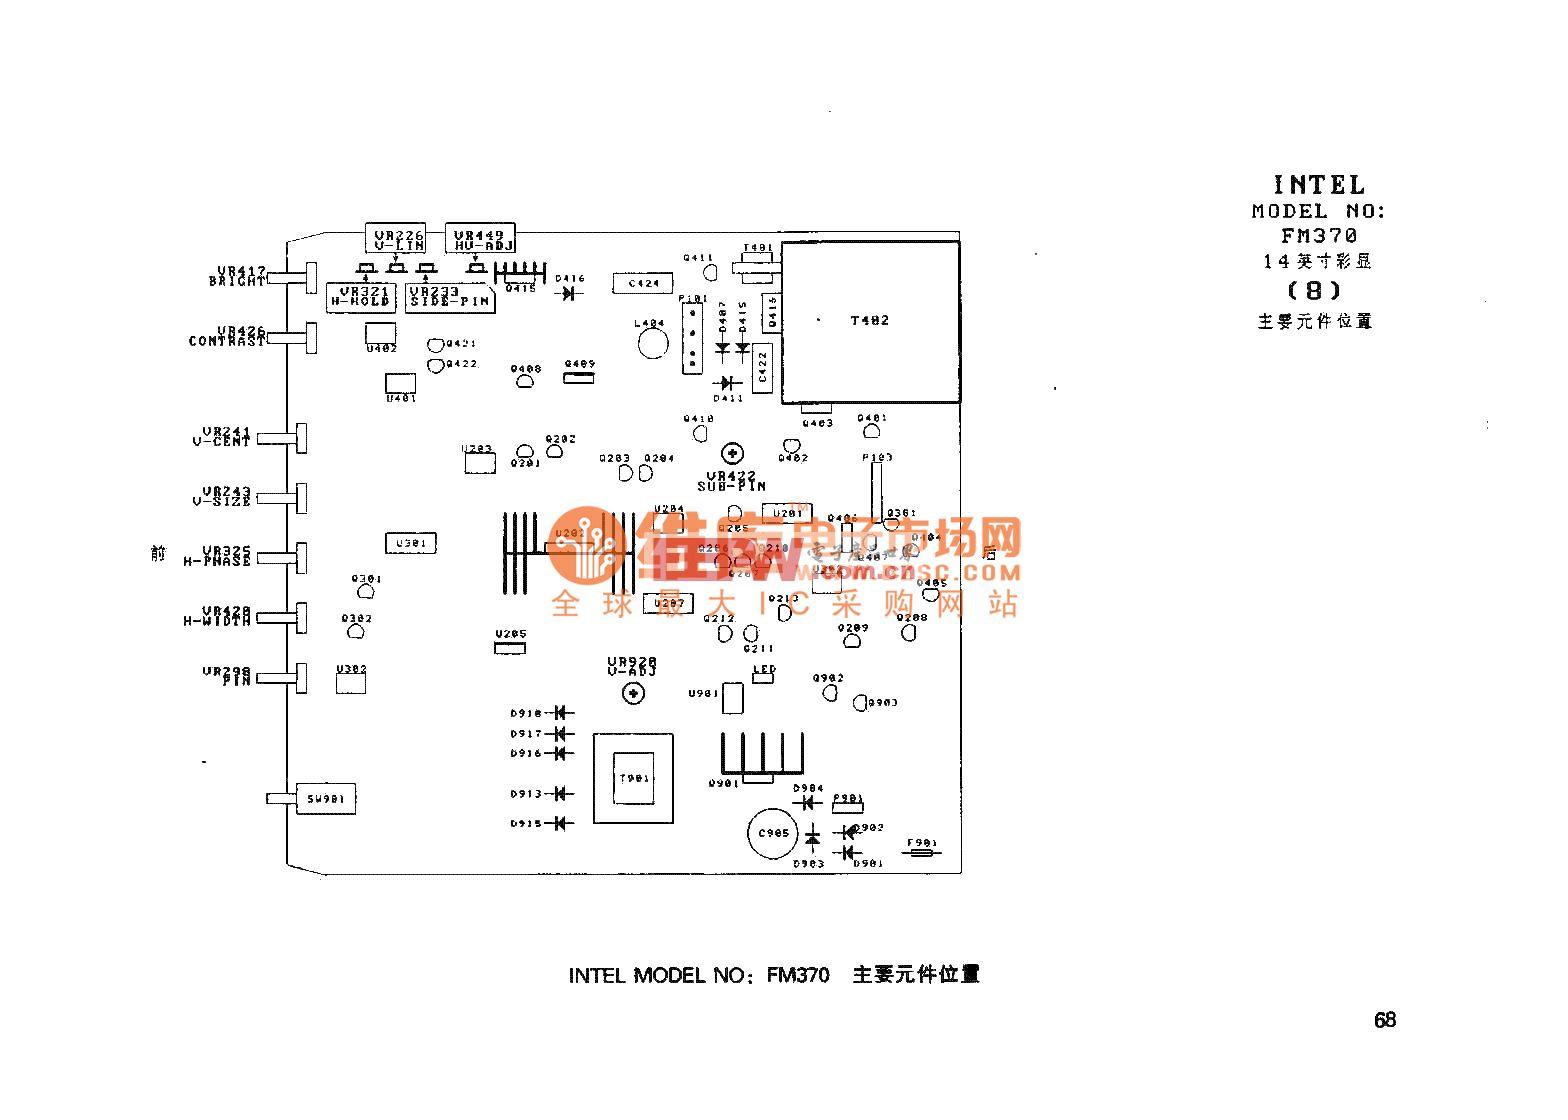 ATX開關穩壓電源與CRT顯示器電路圖集000068-INTEL MODEL NO FM370 主要元件位置電路圖